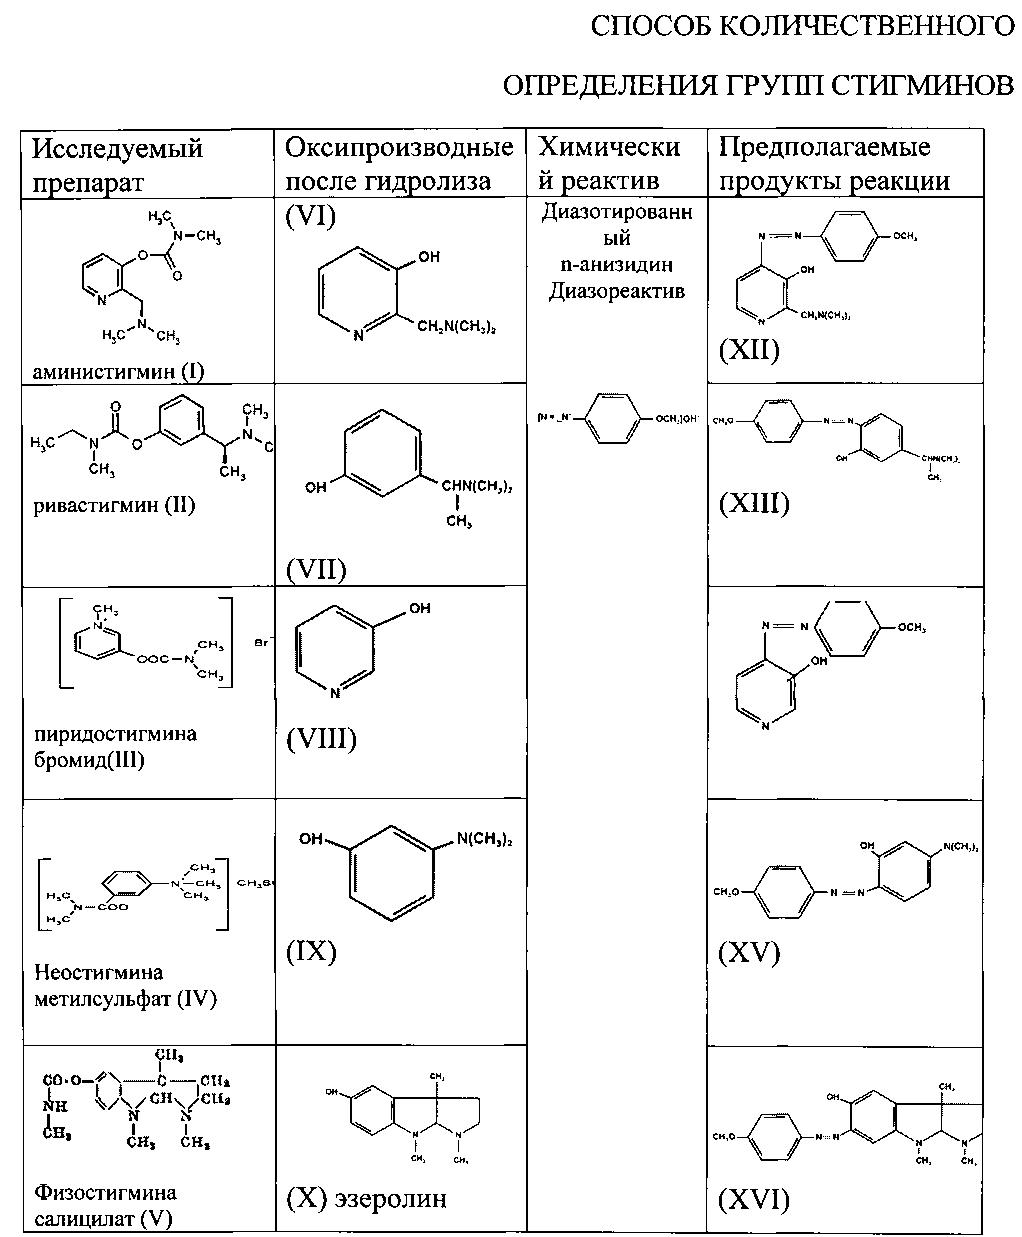 Способ количественного определения групп стигминов